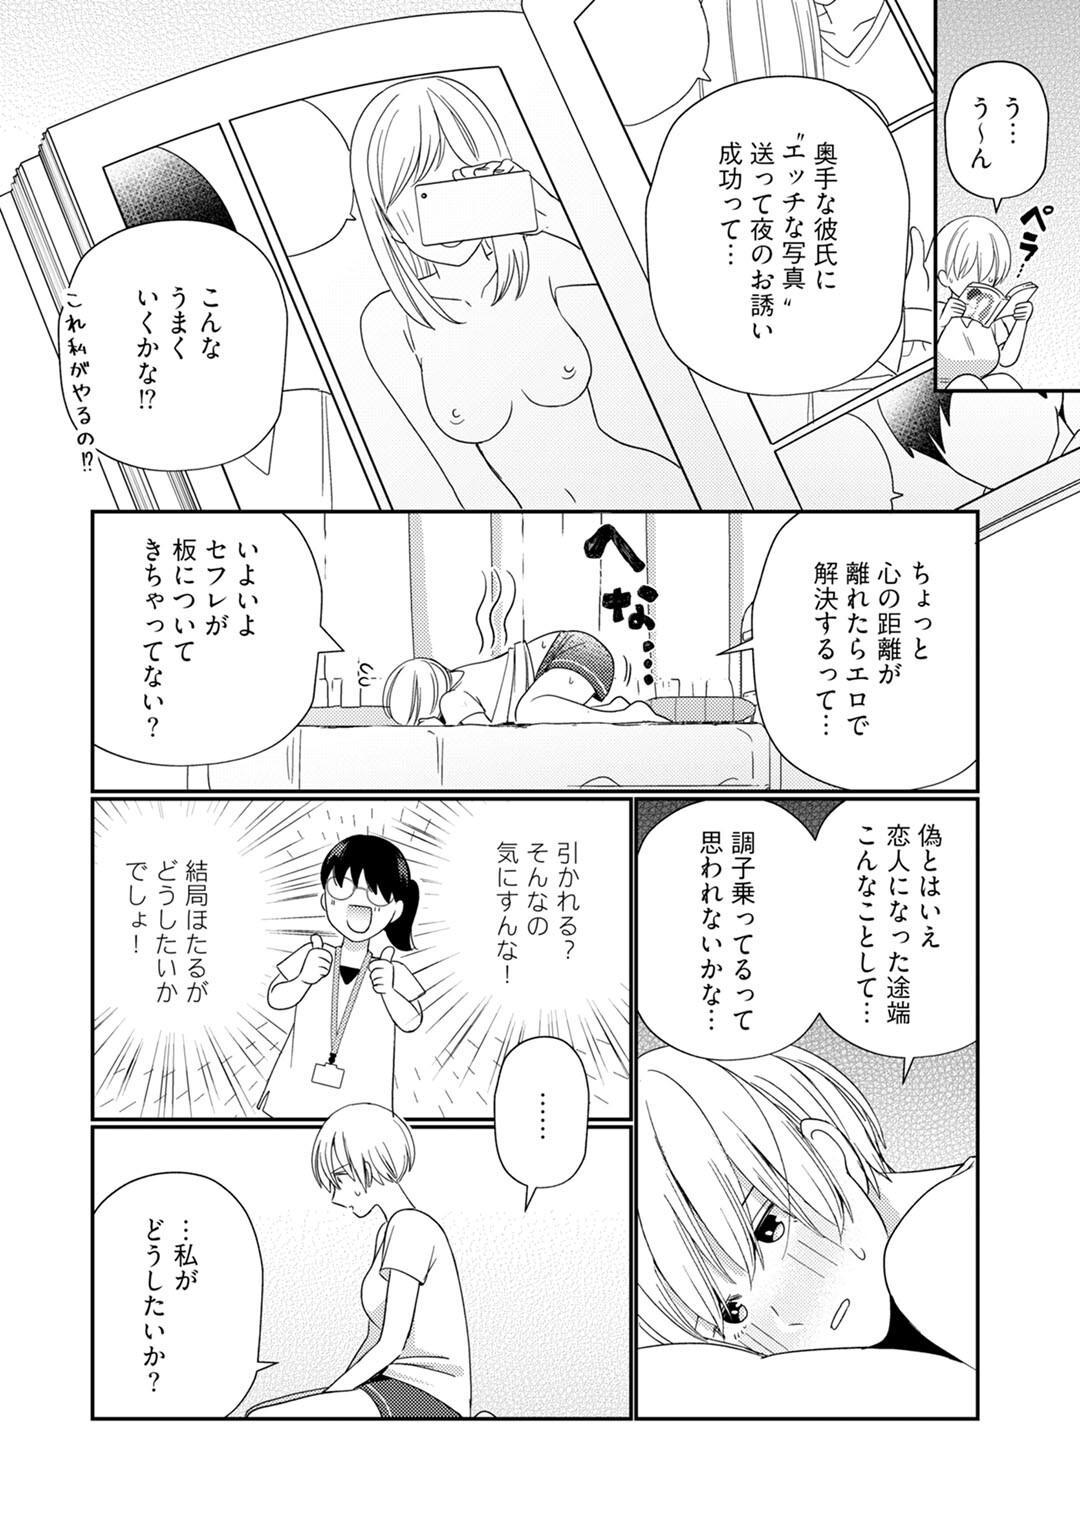 [Okonogi Happa] Kyonyuu-chan to Kyokon Joushi -Kaisha de Musabori Sex- act. 7 13